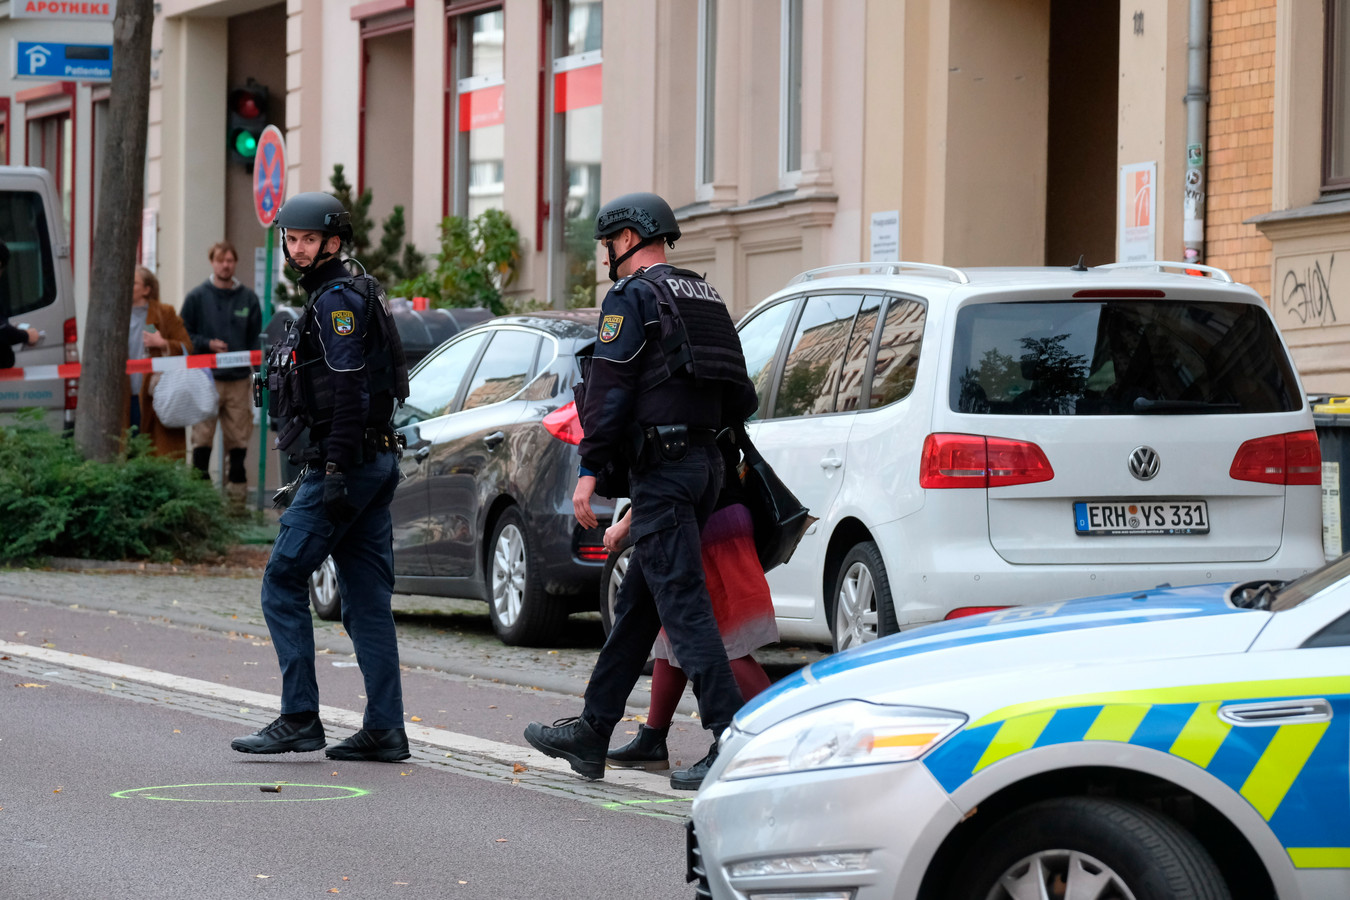 Leden van een speciale politie-eenheid lopen langs een kogelhuls terwijl ze een vrouw uit het afgezette gebied begeleiden.